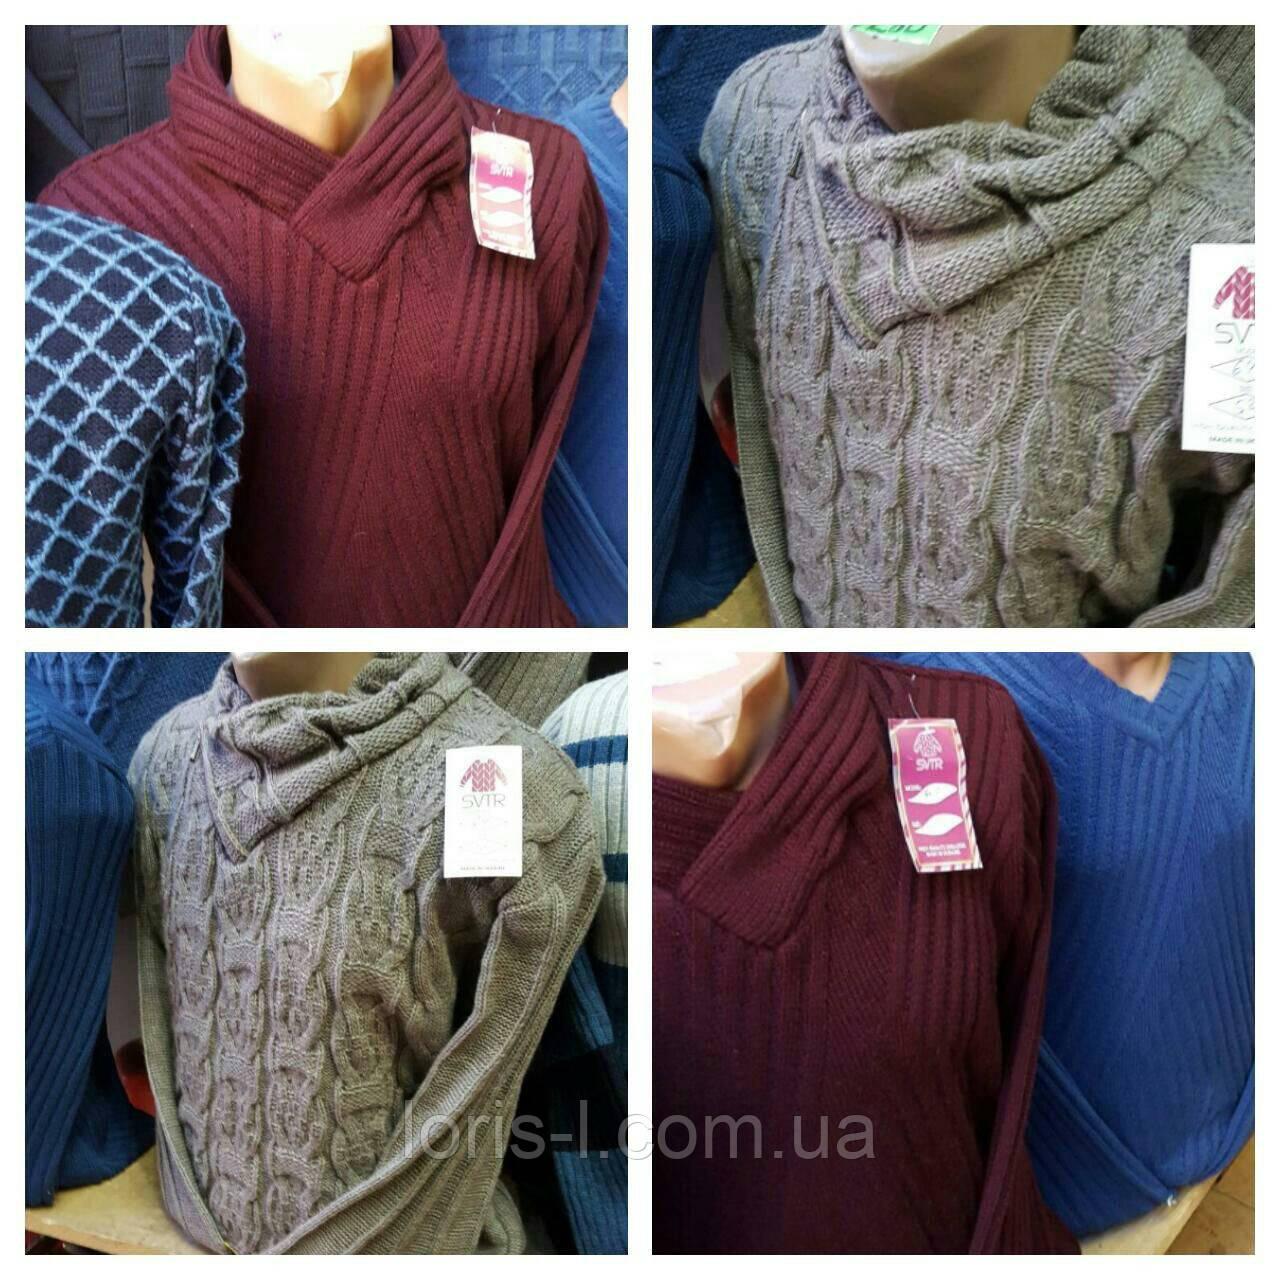 Теплые свитера женские интернет магазин